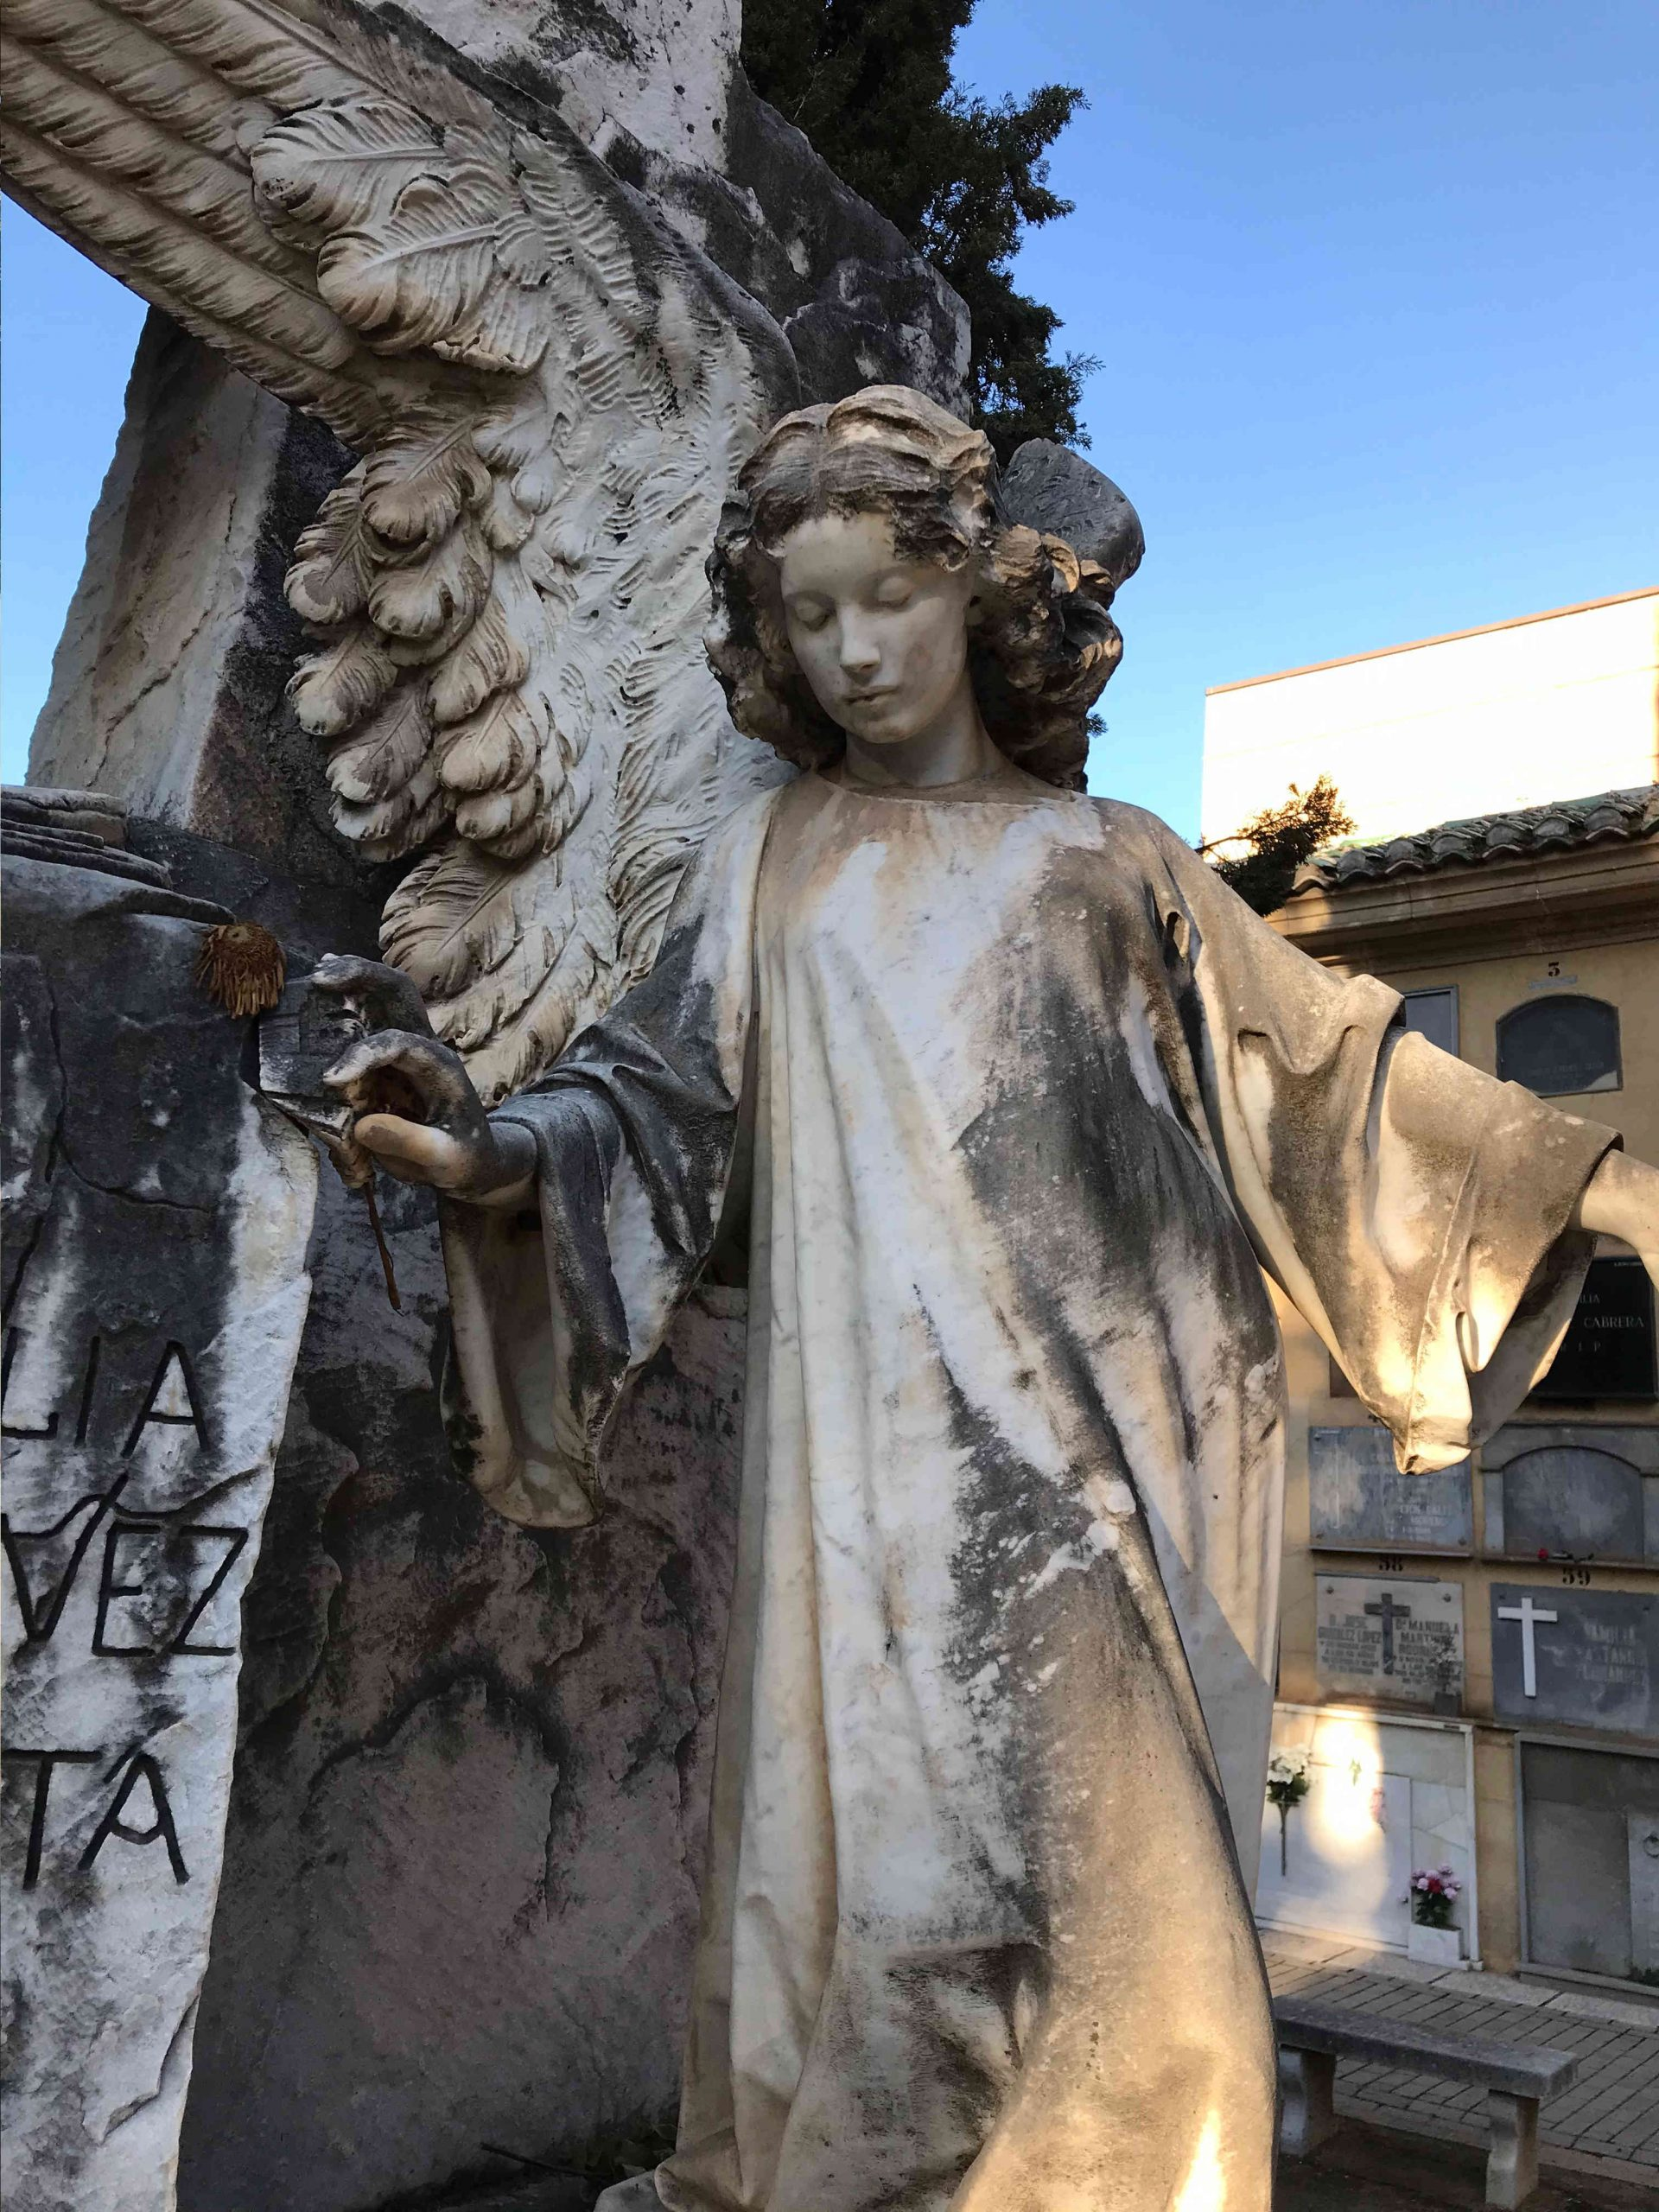 Escultura de mármol blanco de un niño convertido en ángel con algas, arrastrando una cruz de mármol en su hombro izquierdo